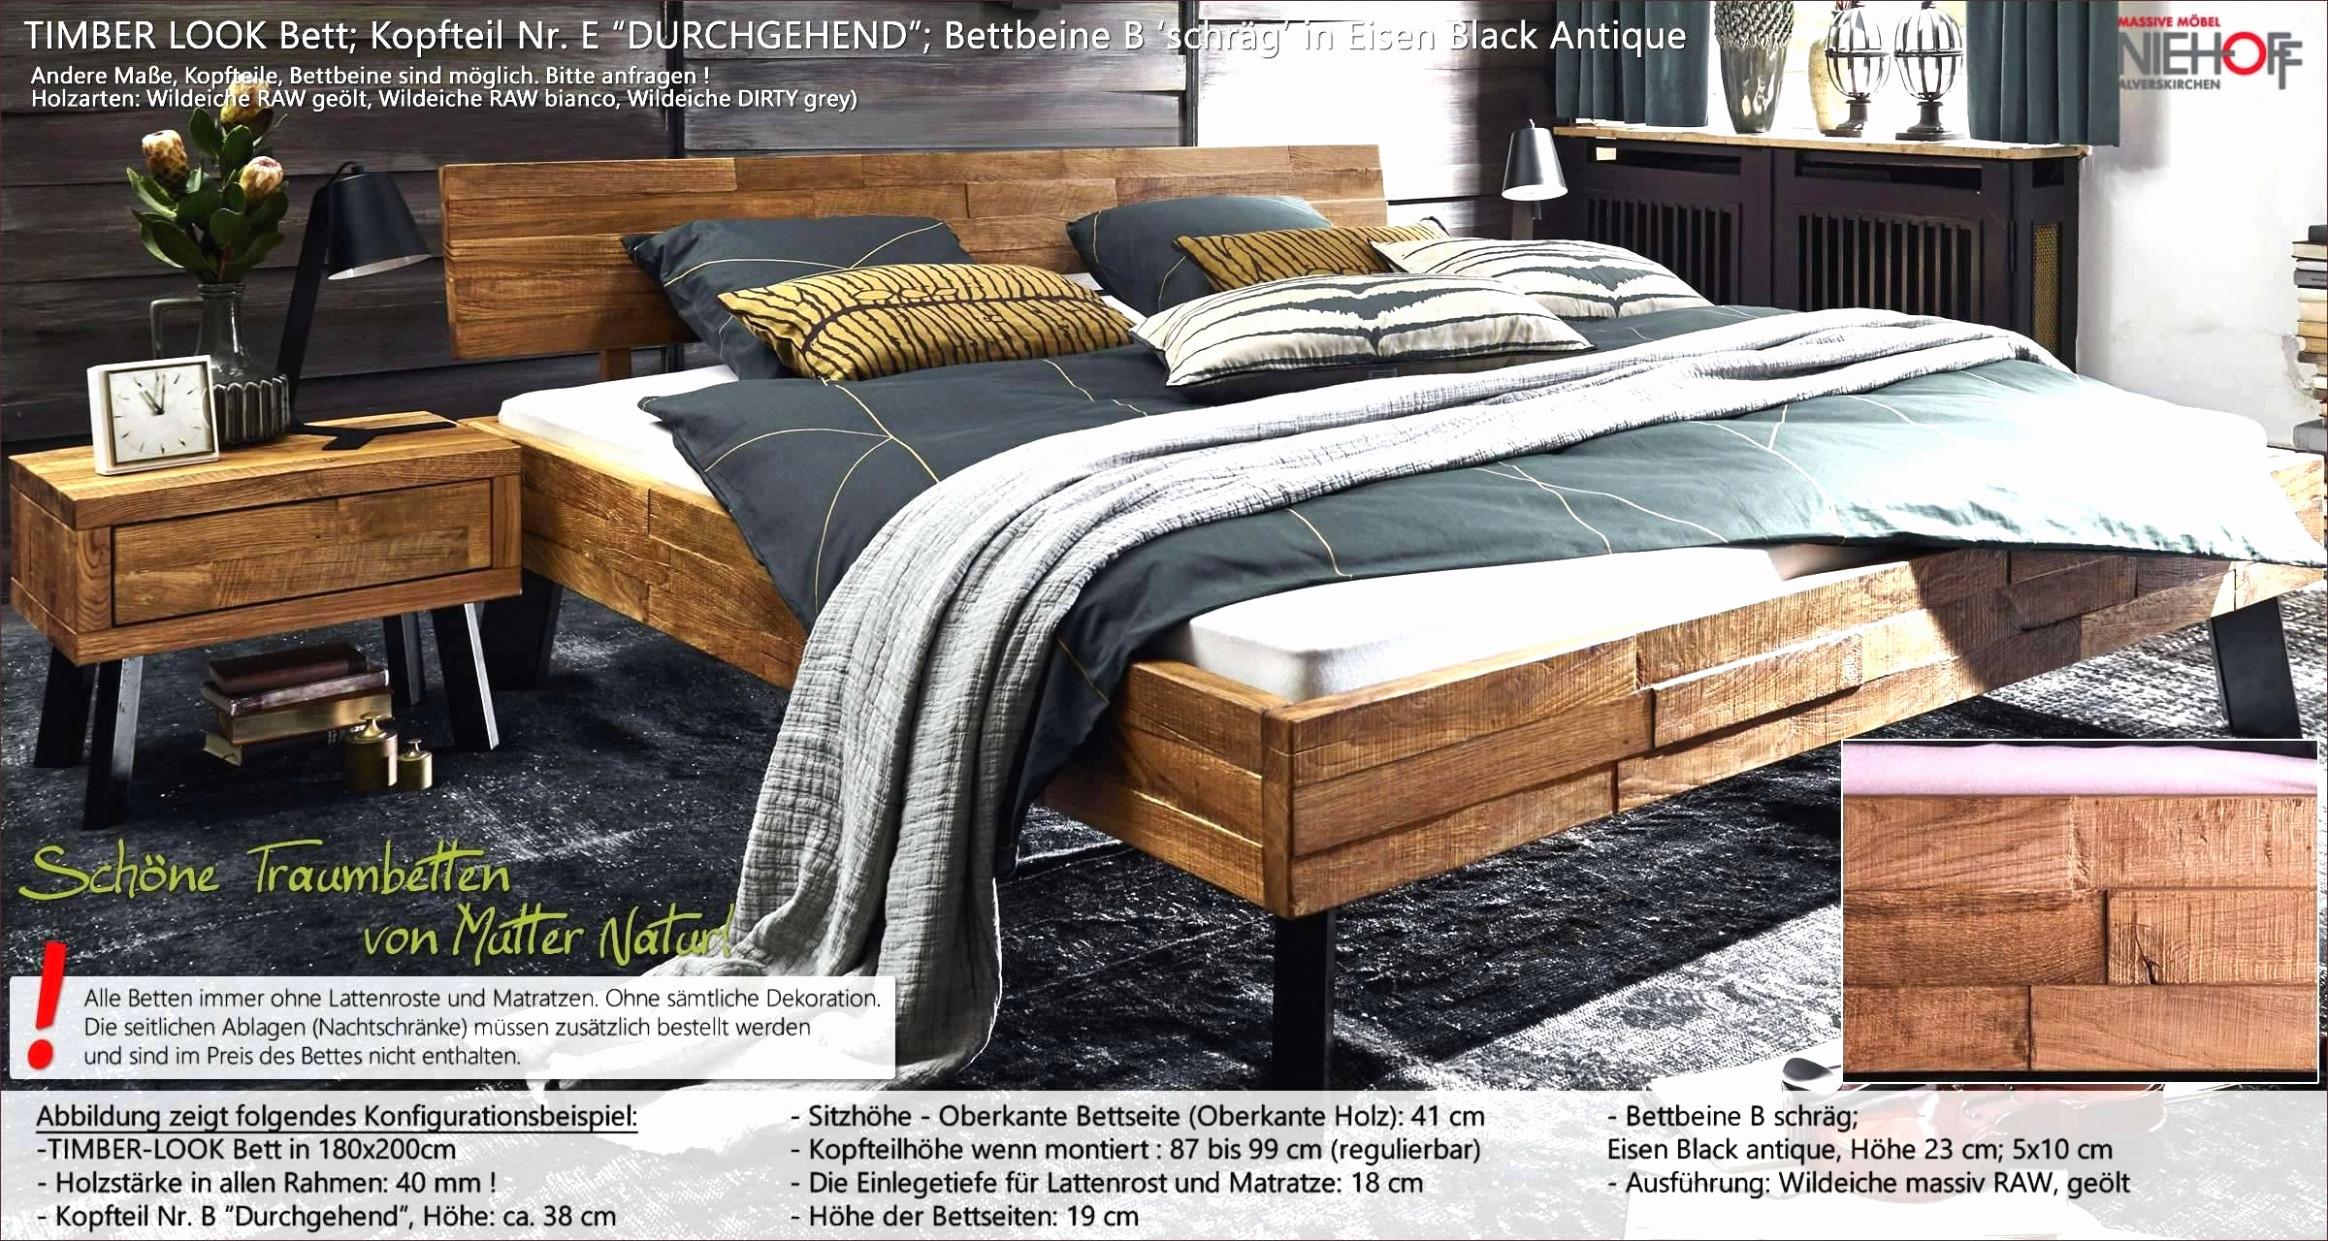 Full Size of Bett 100x200 Mit Schubladen Jugend Musterring Betten Kleines Regal 140x200 Weiß Nussbaum 180x200 Sitzbank Günstig Münster Sofa Elektrischer Wohnzimmer Bett 100x200 Mit Schubladen